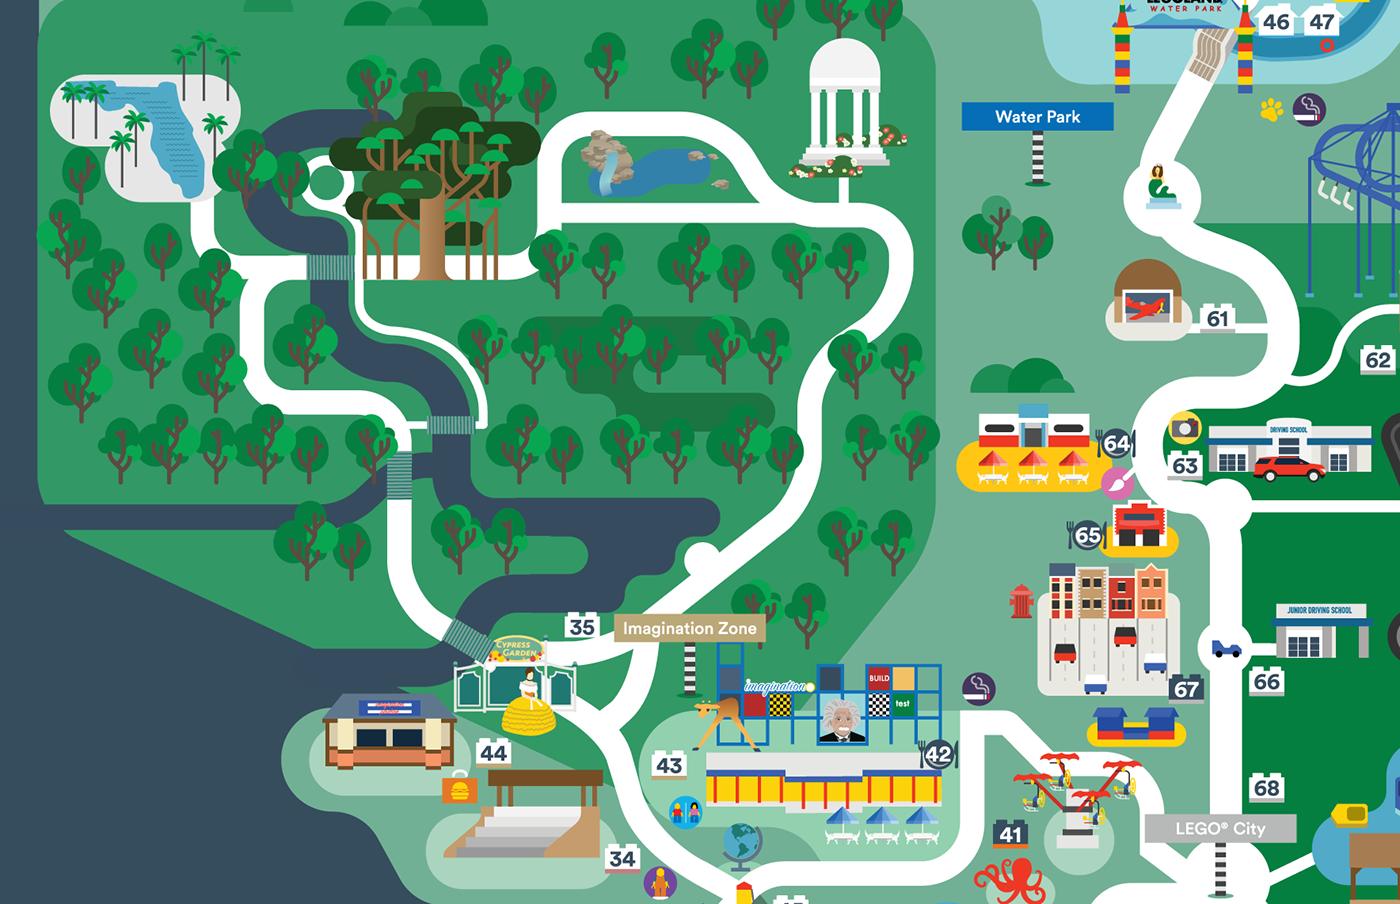 Legoland Florida map 2016 on Behance